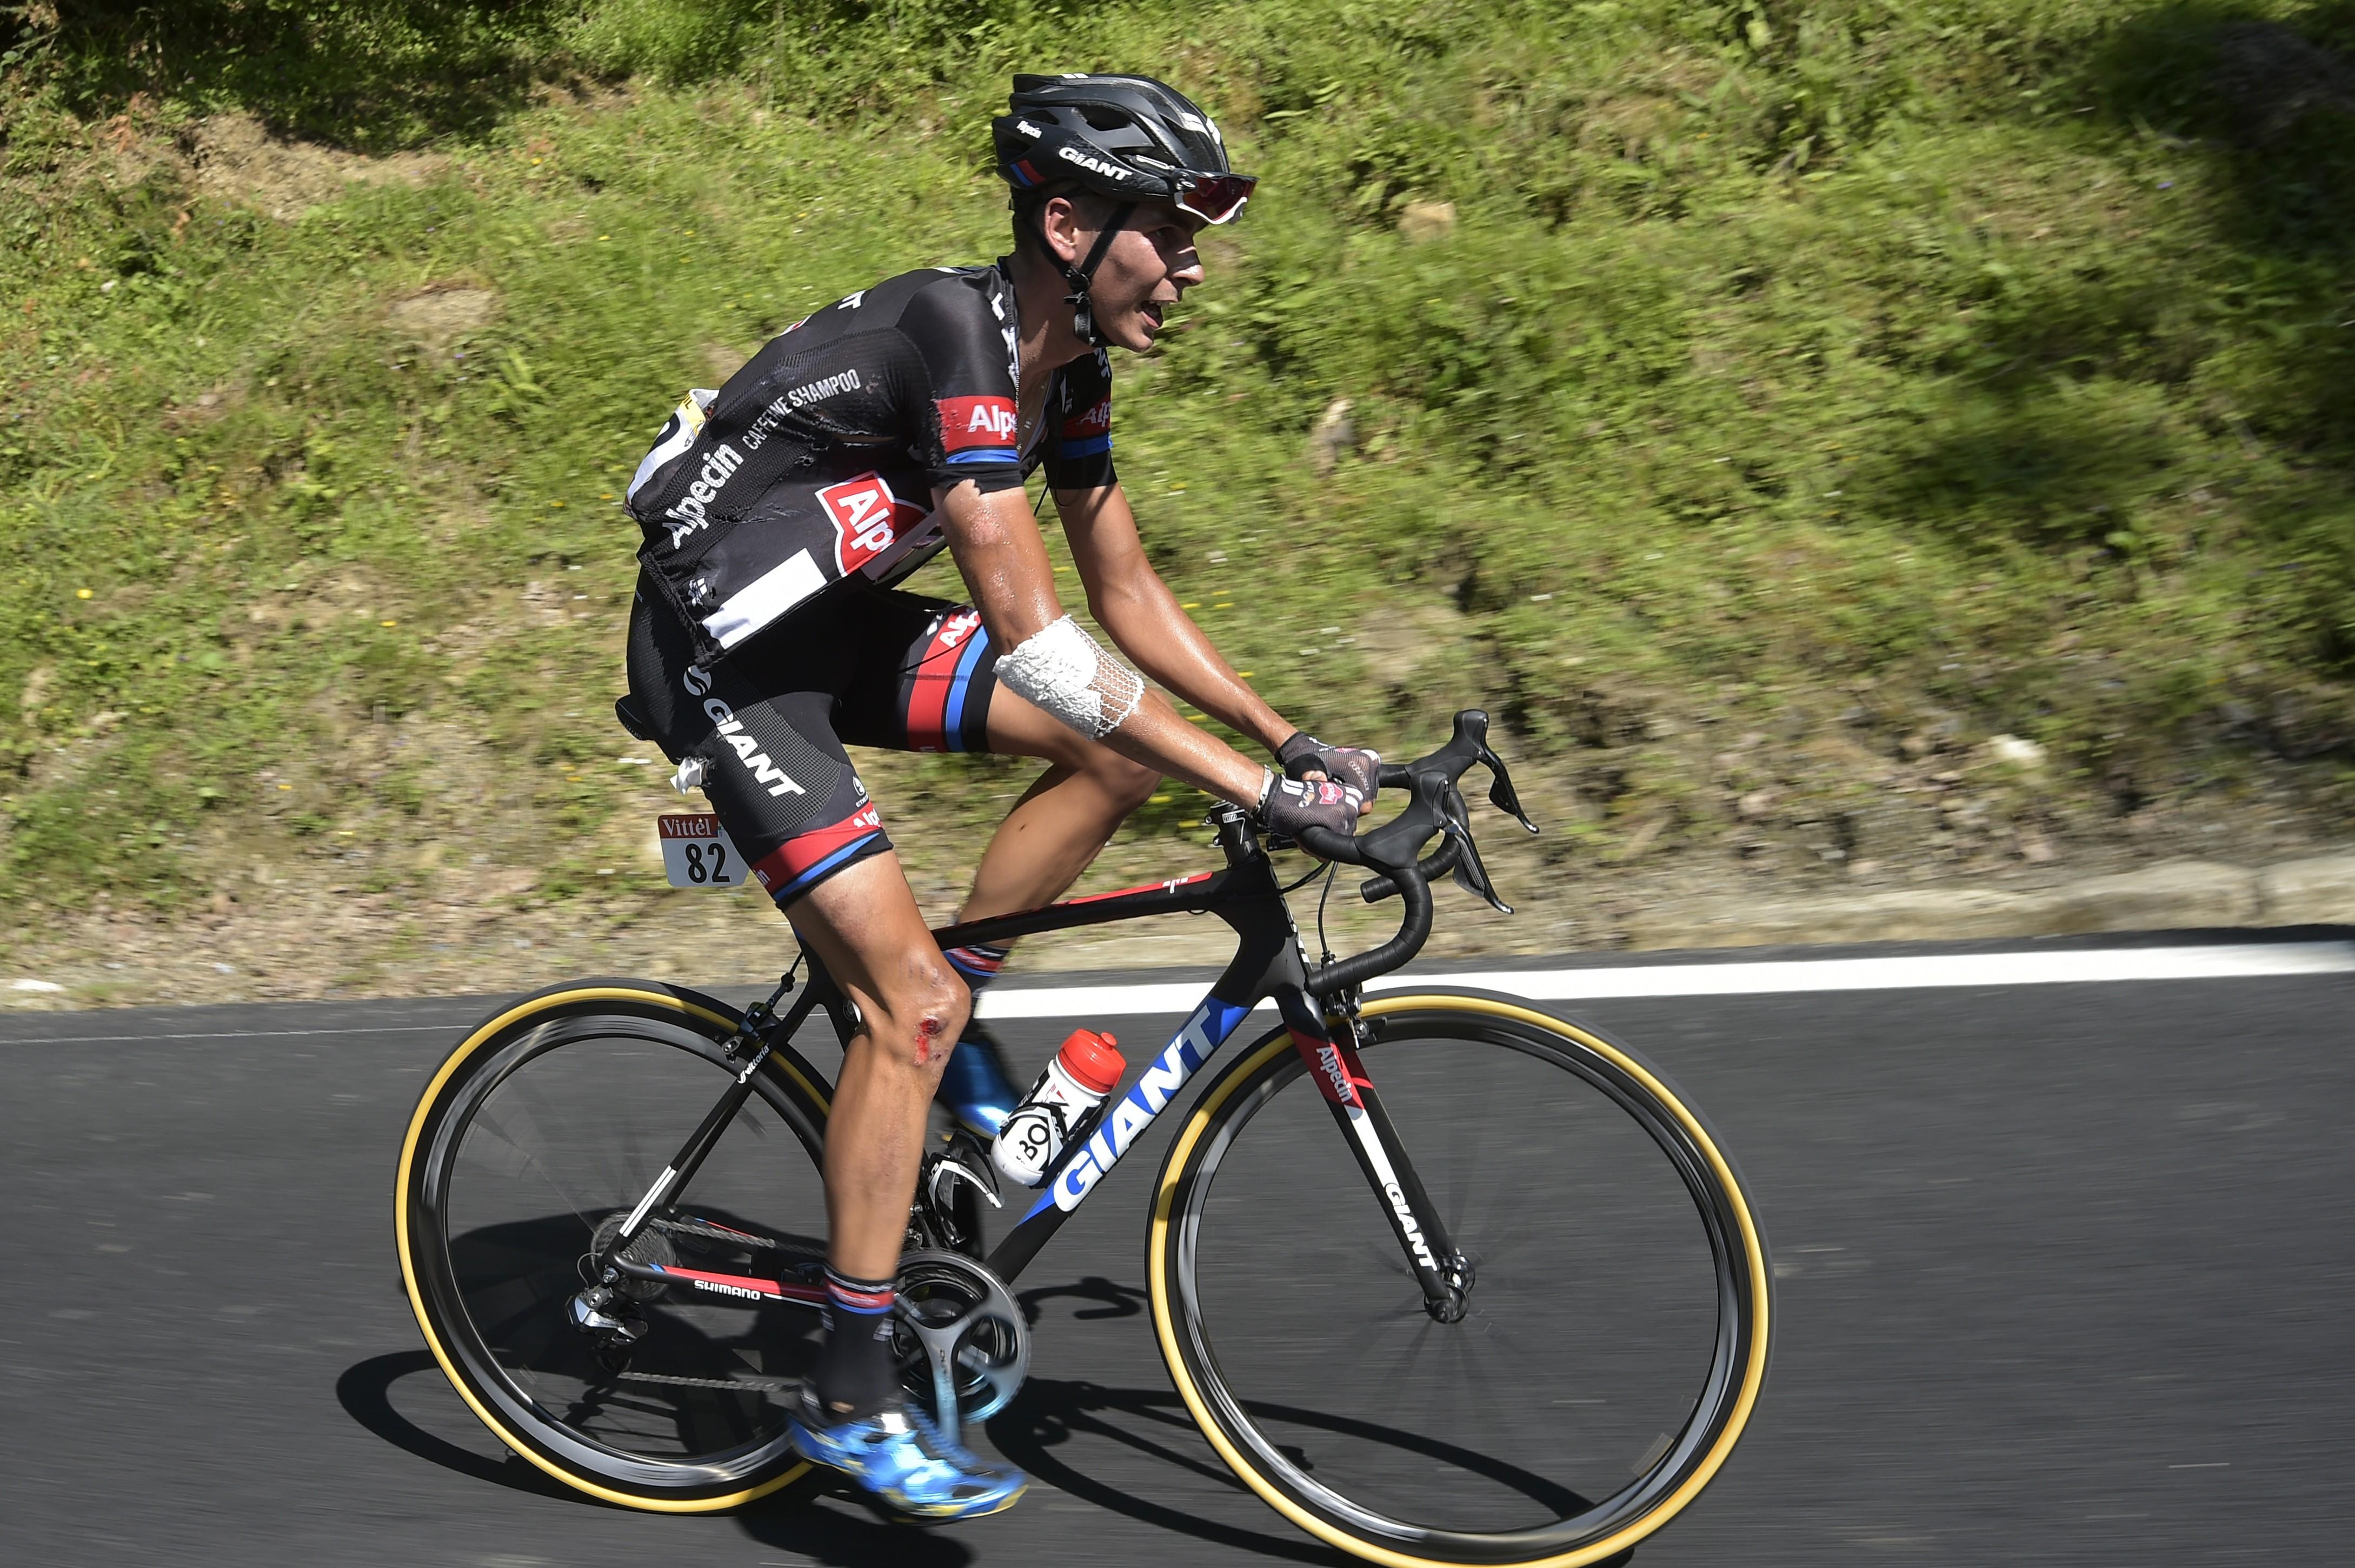 Warren Barguil (Giant-Alpecin), dans l'ascension de la Pierre-Saint-Martin après une chute dans la 10e étape du Tour de France 2015